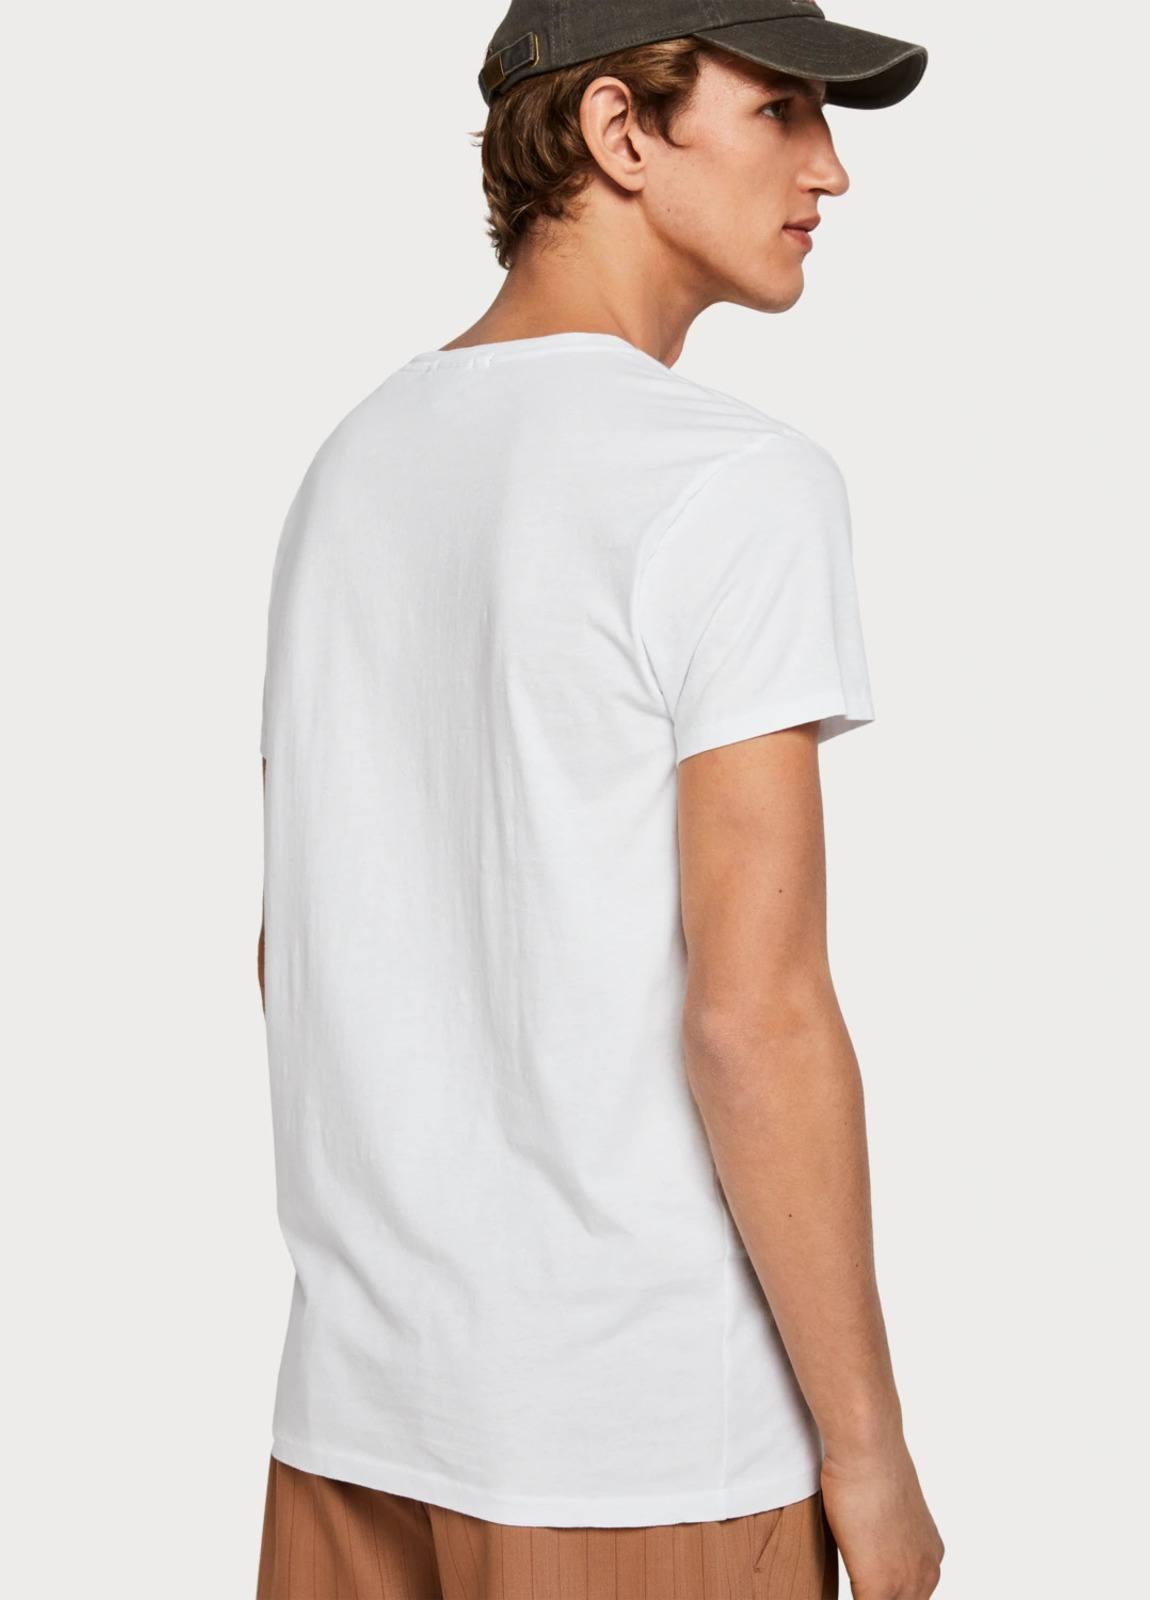 Camiseta SCOTCH & SODA blanco - Ítem2